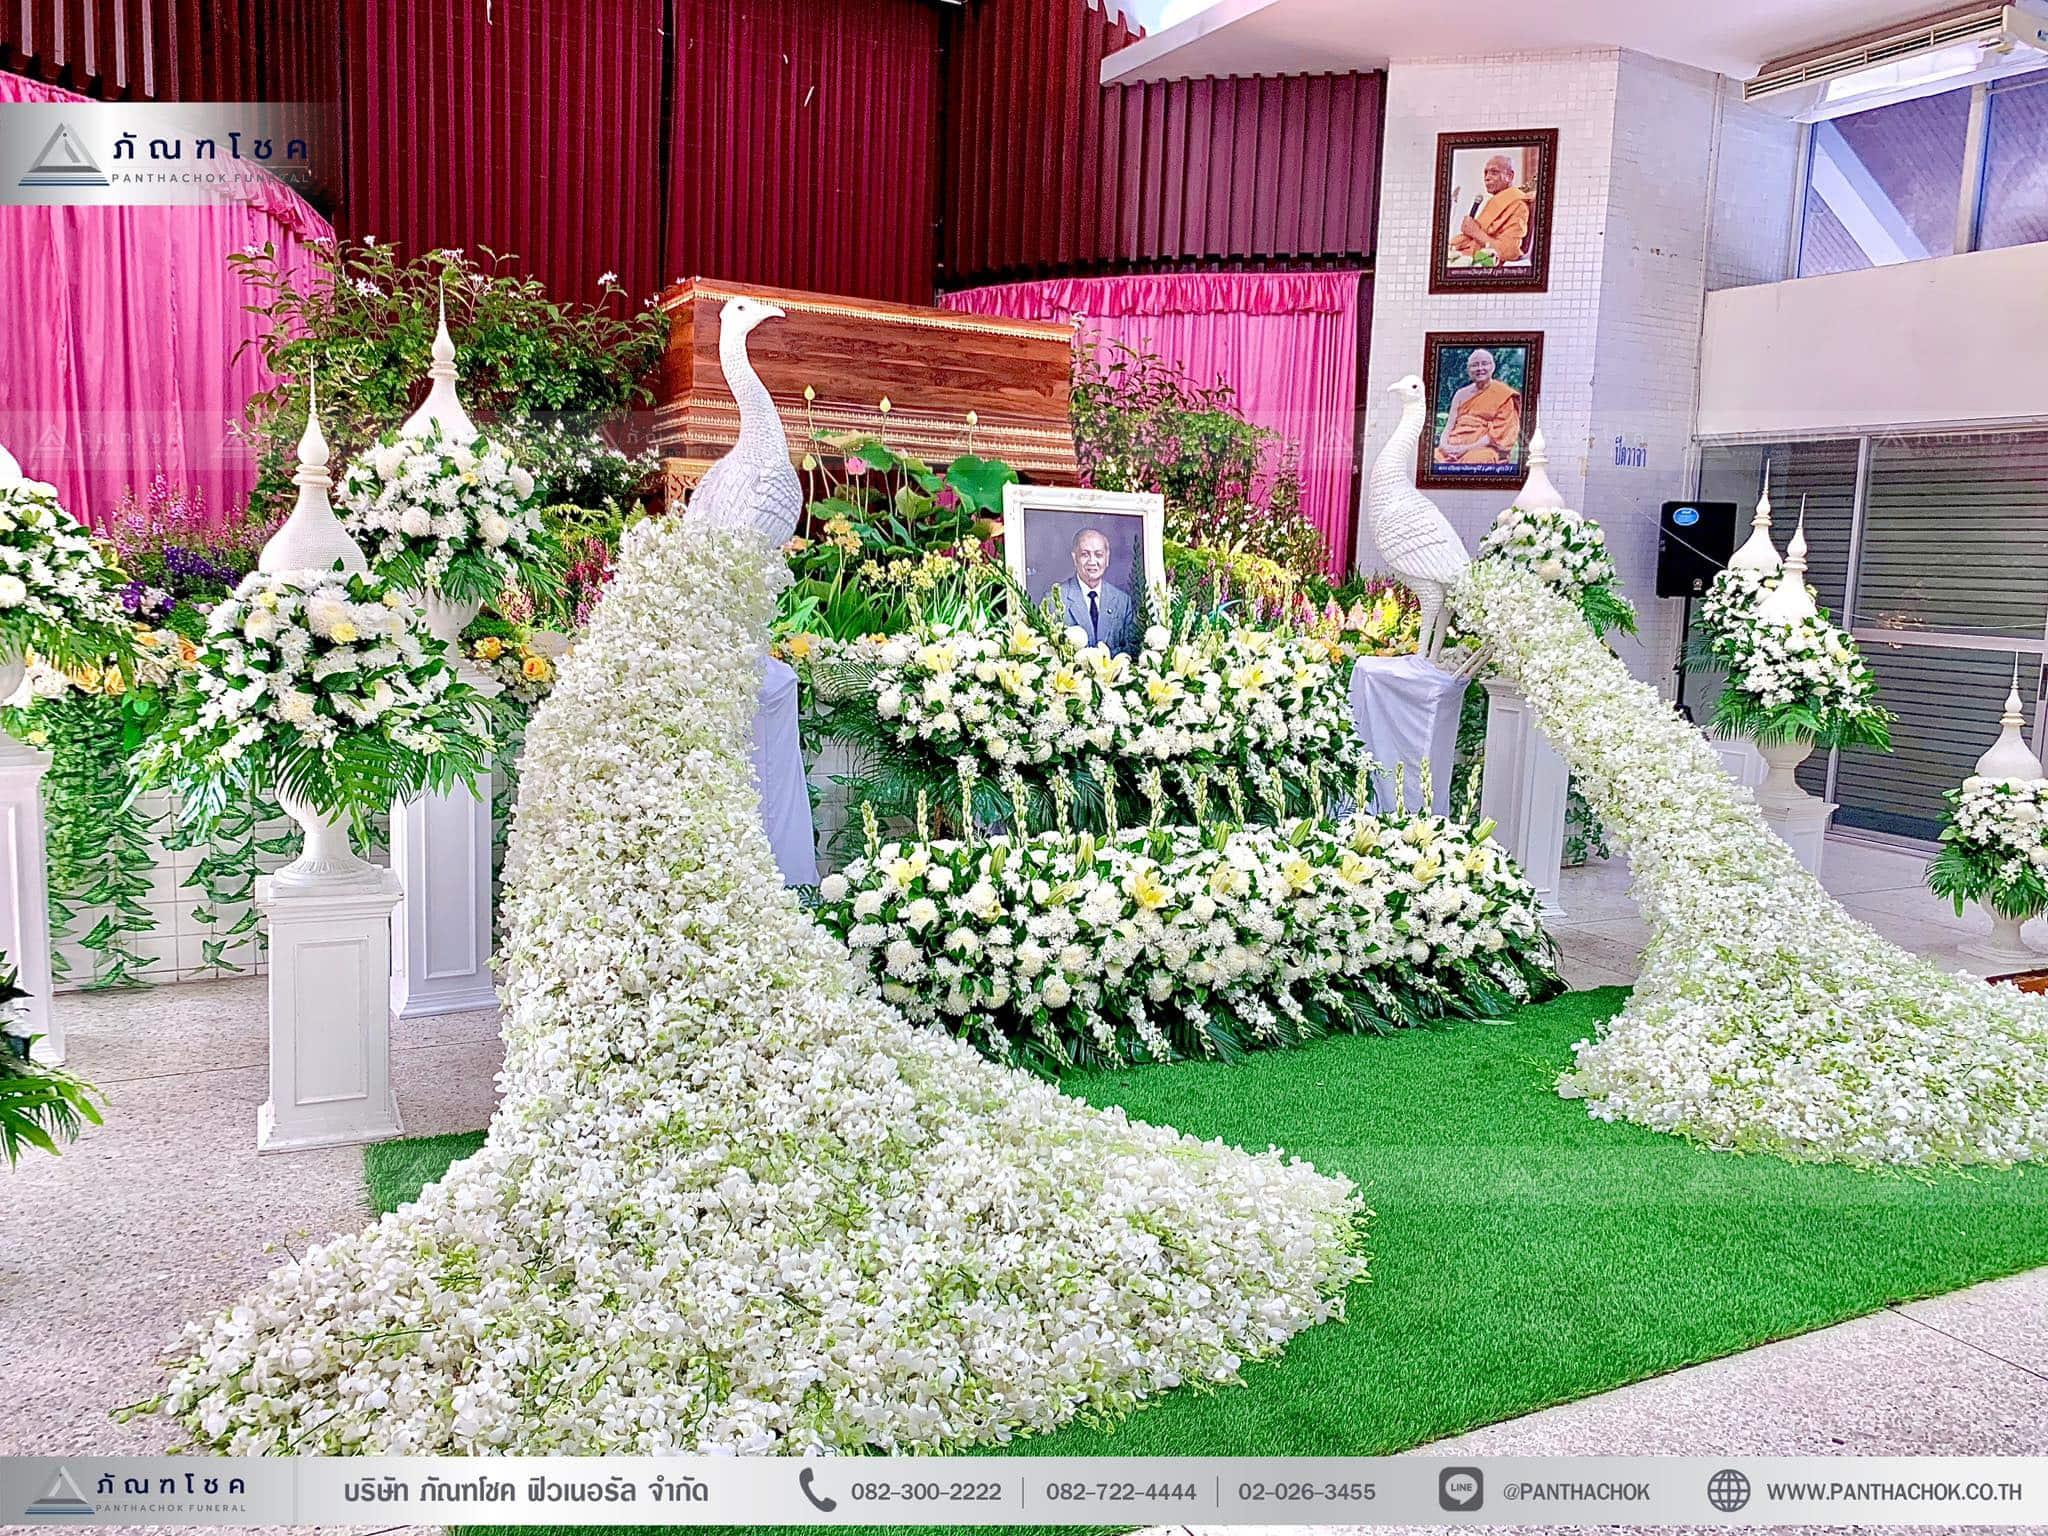 ดอกไม้หน้าหีบประดับด้วยนกยูง ณ วัดชลประทานรังสฤษฎ์ พระอารามหลวง 2